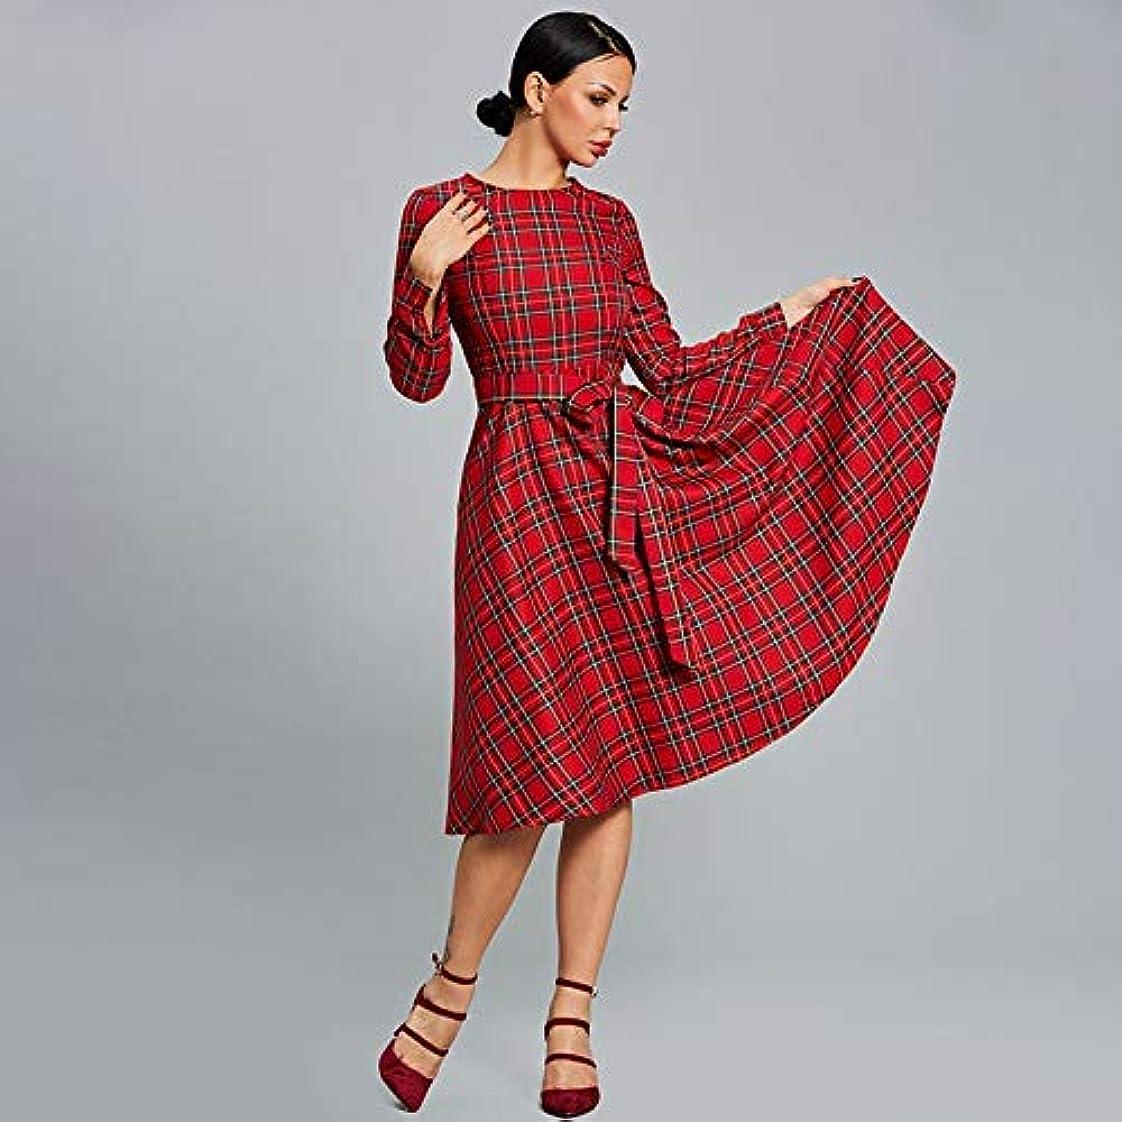 退院マークダウン尾Onderroa - 女性のドレス秋のタータンチェックレッドパーティードレスOネックロングスリーブパッチワークラインデー2018女性の厚いヴィンテージドレス